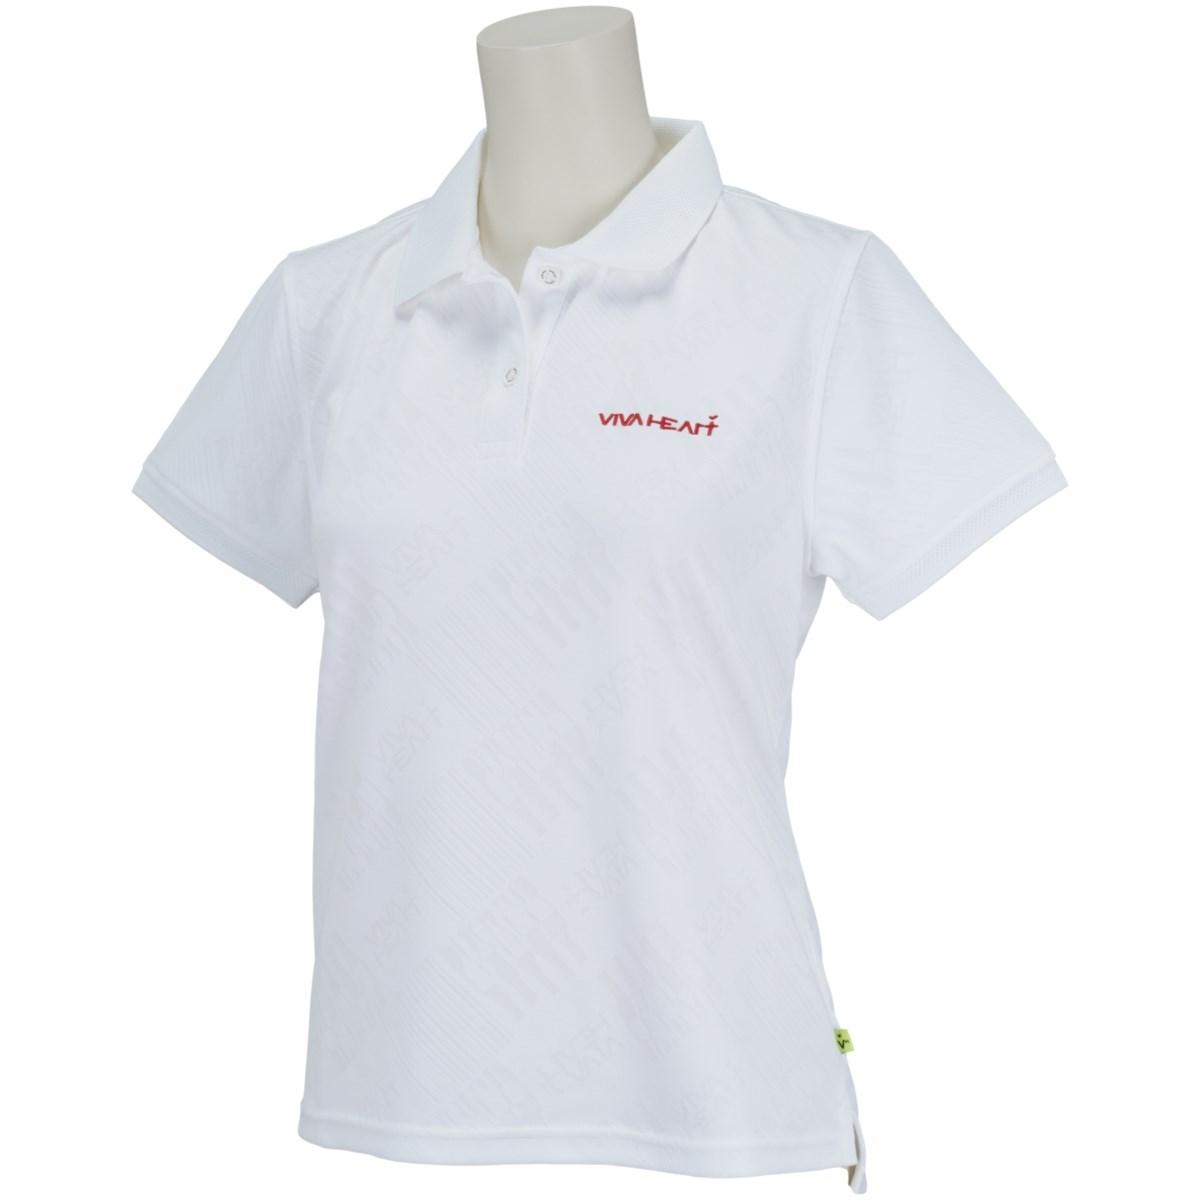 ビバハート VIVA HEART リンクス 半袖ポロシャツ 40(M) オフホワイト 005 レディス